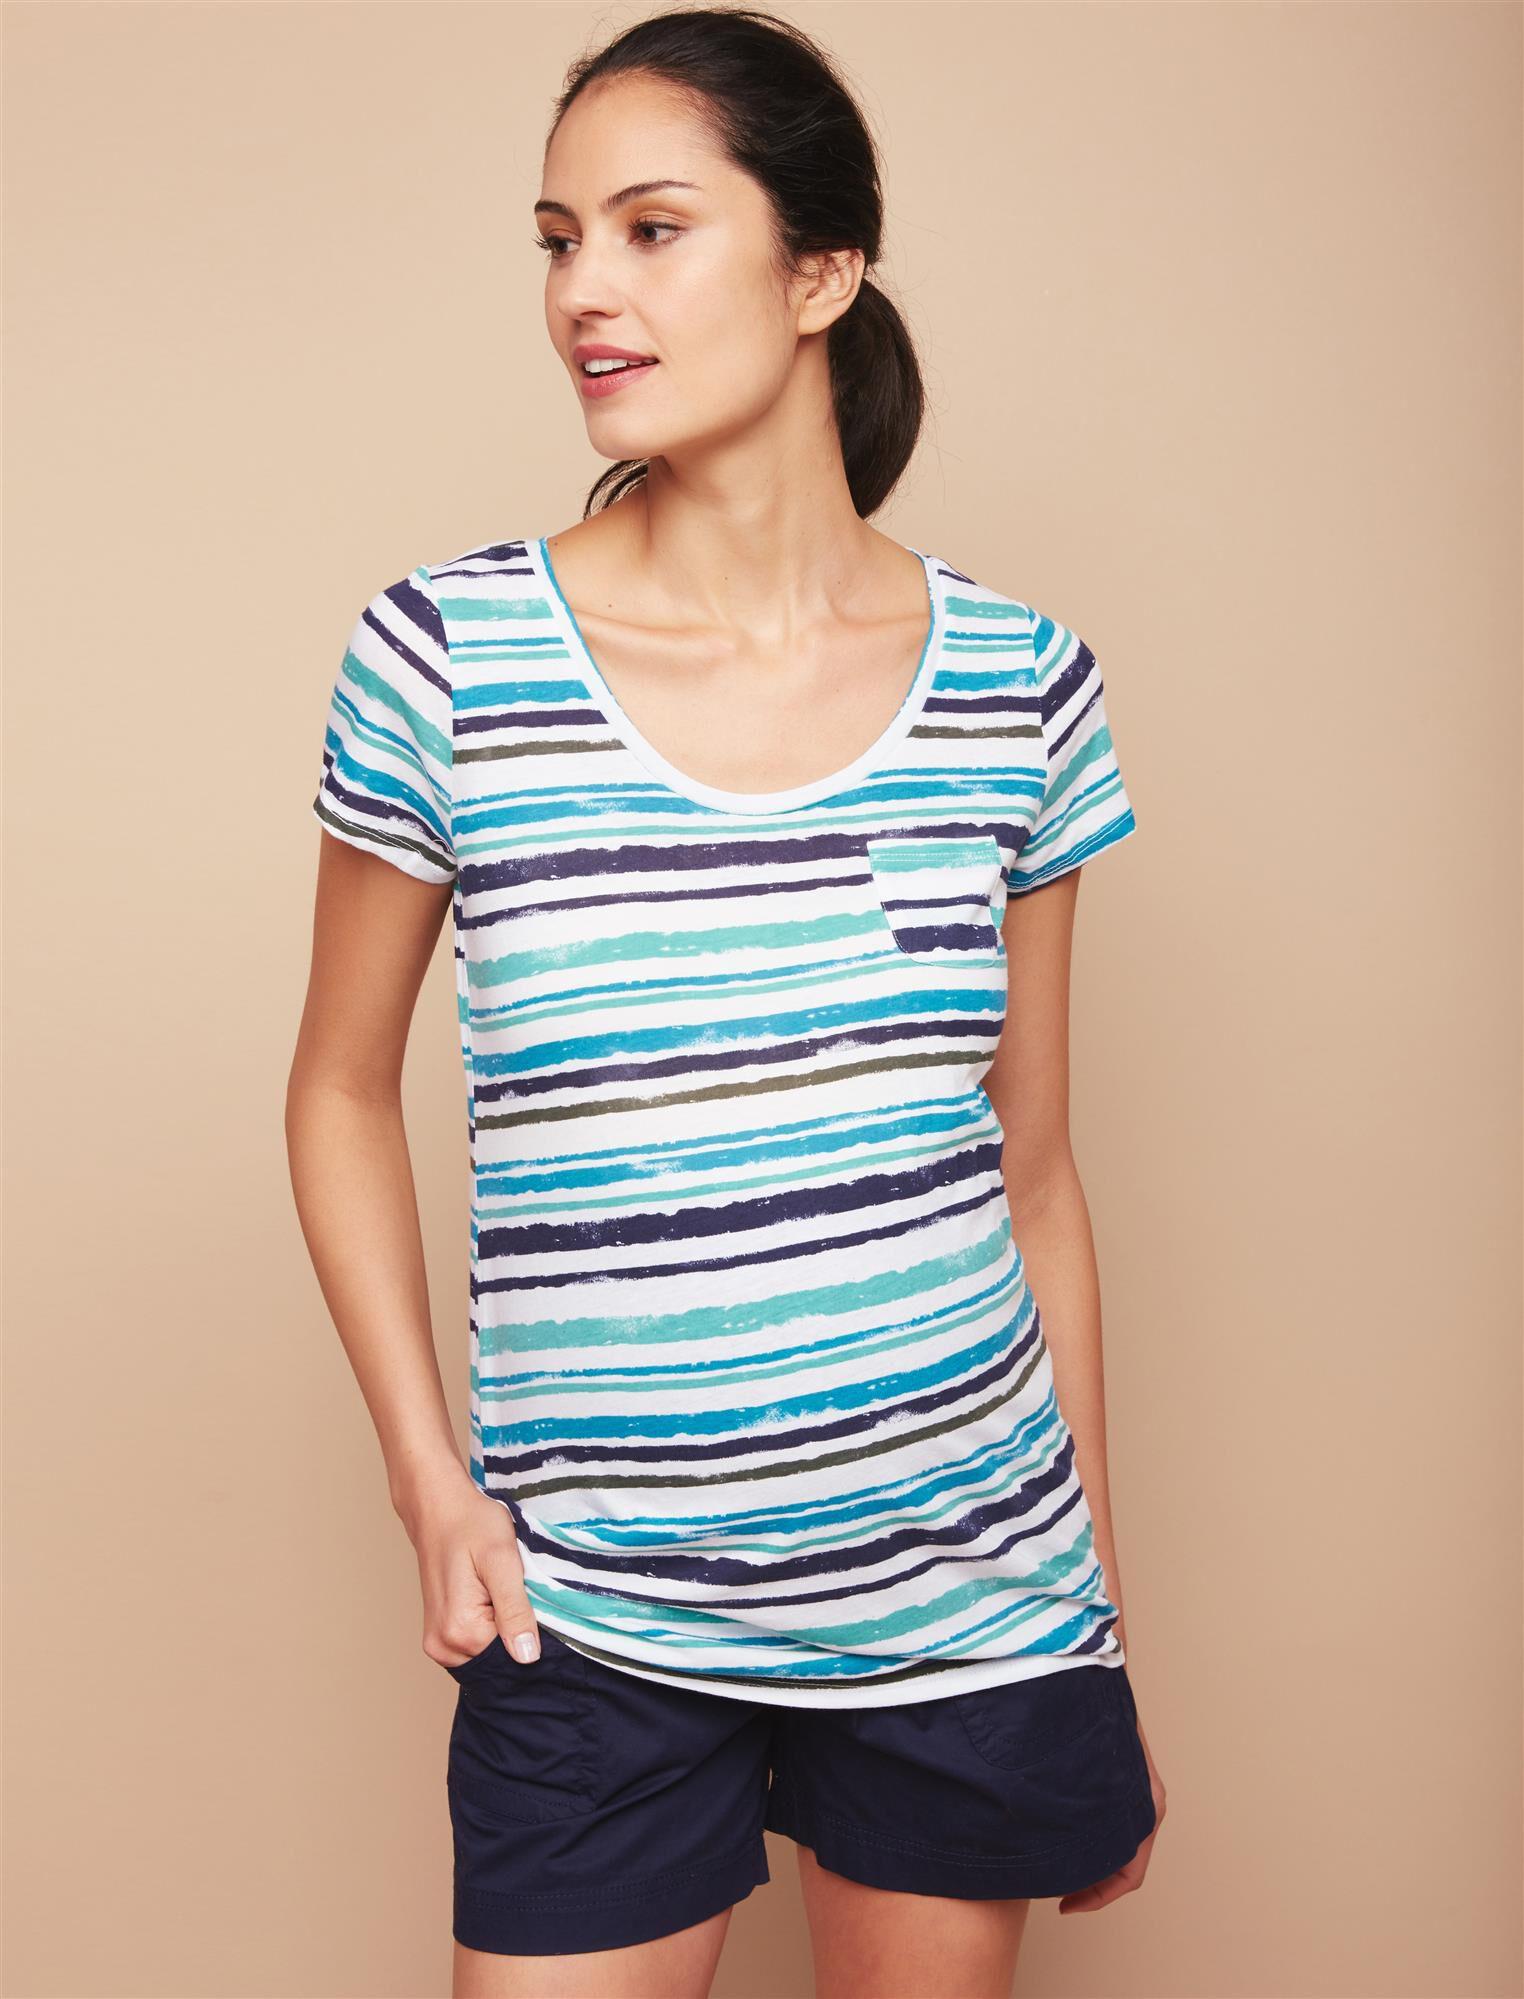 Pocket Tee Maternity T Shirt